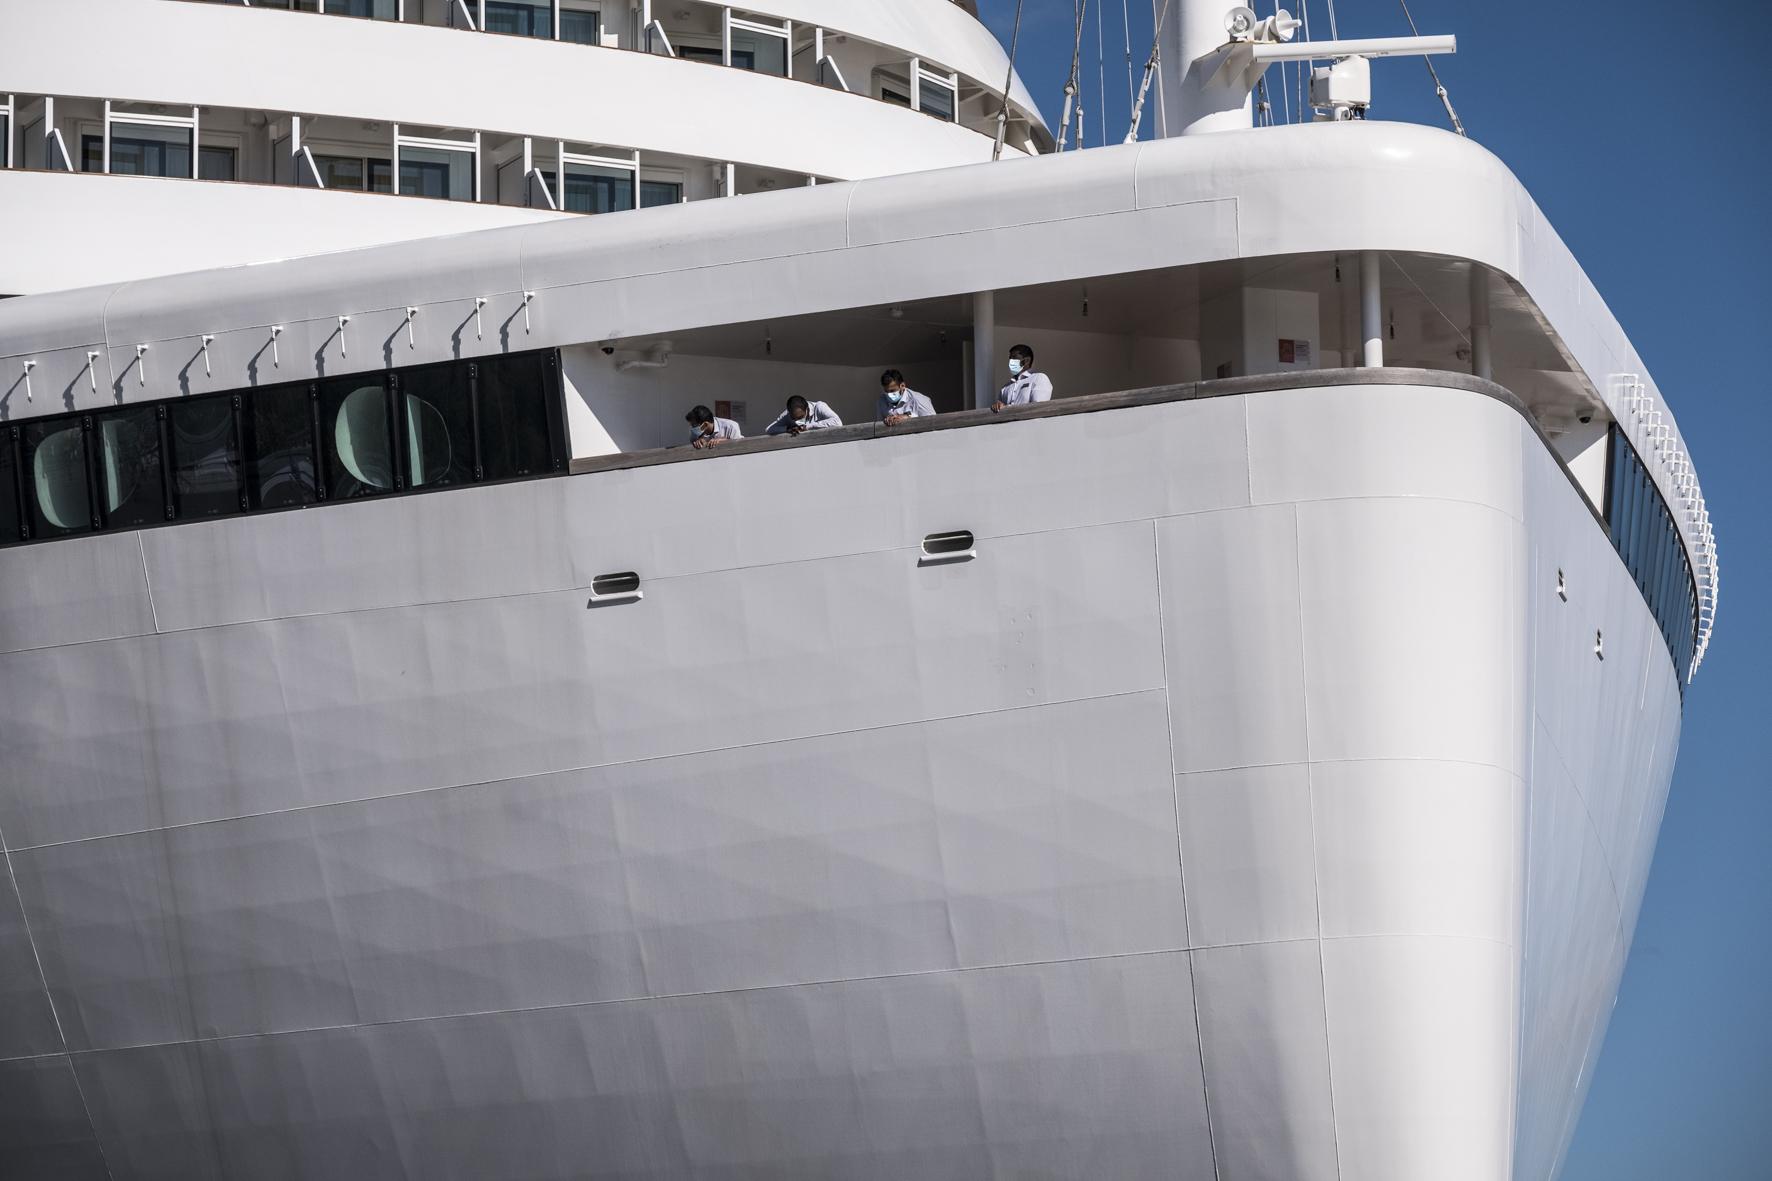 AIDA-Kreuzfahrtschiiff im Hamburger Hafen. Besatzung mit Corona-Masken